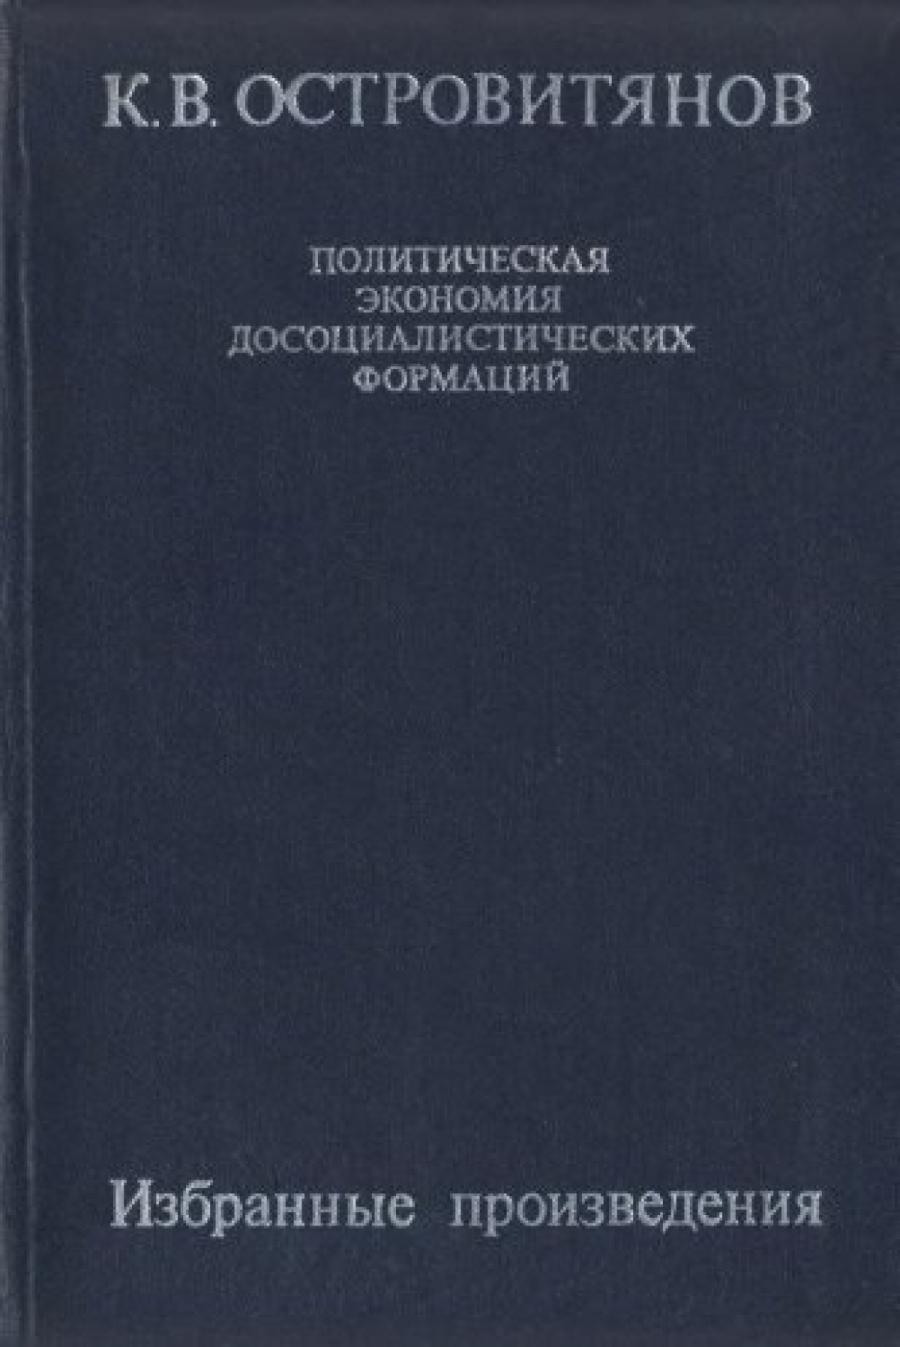 Обложка книги:  островитянов к.в. - политическая экономия